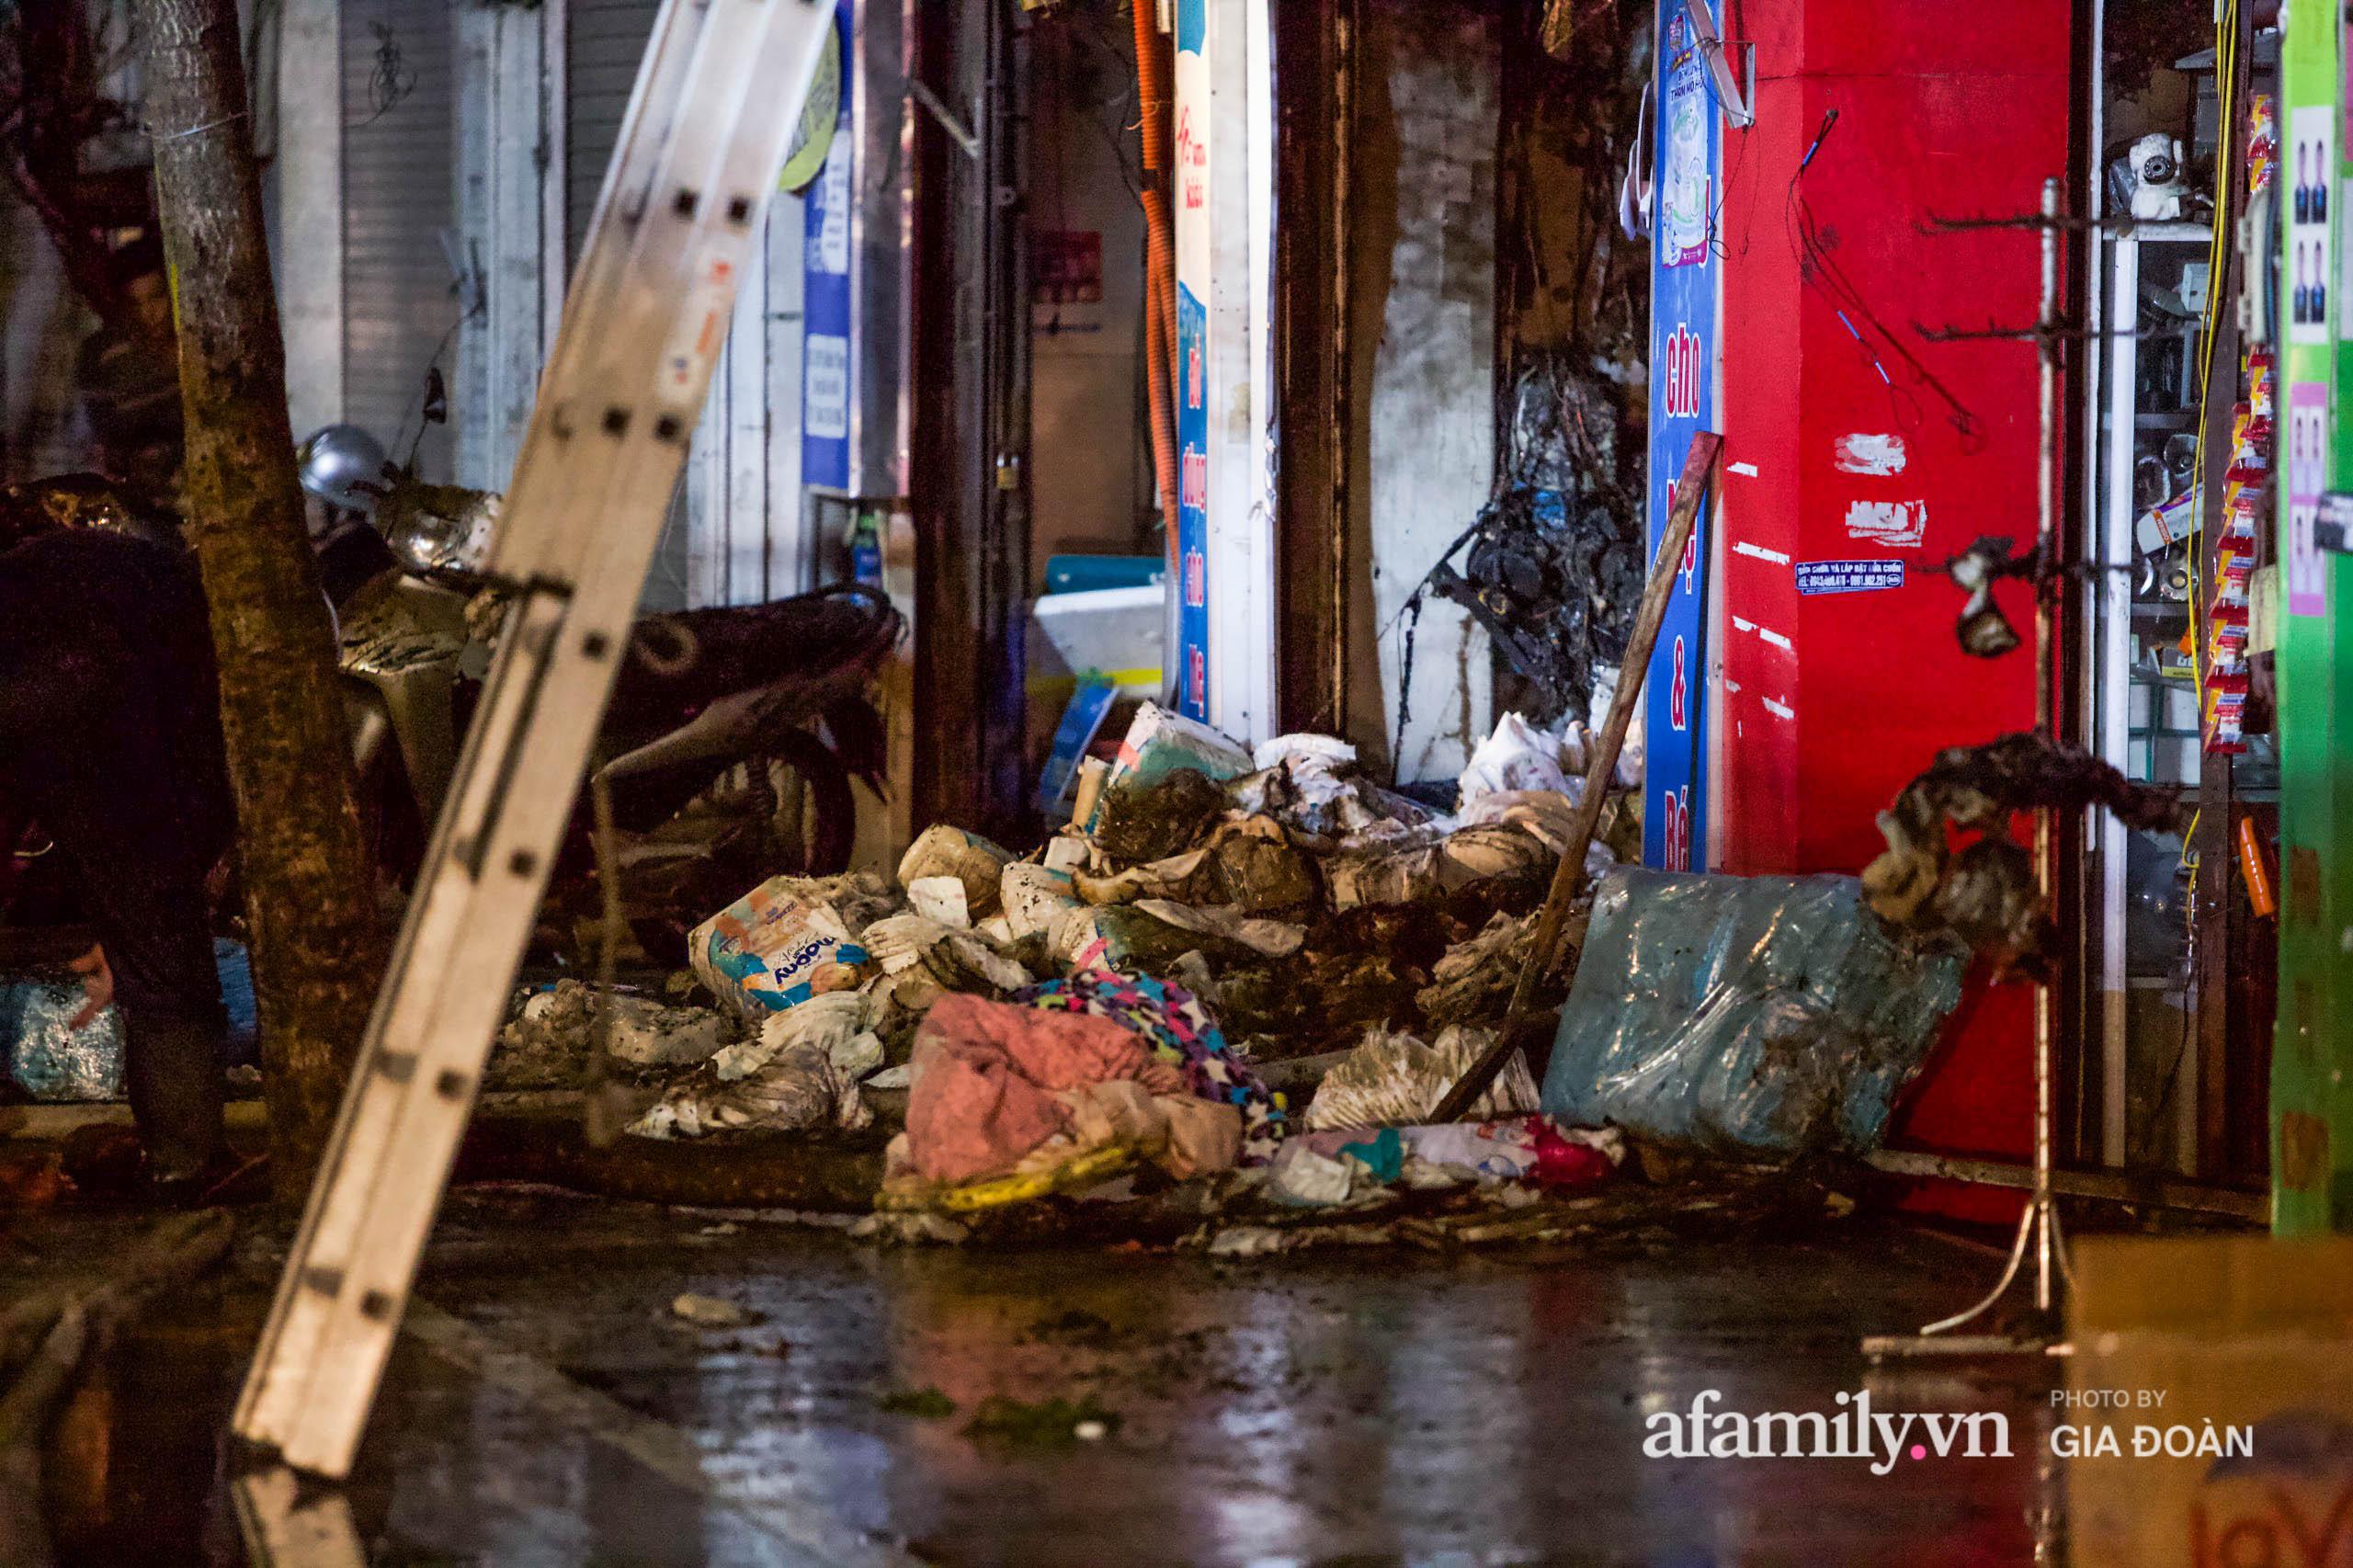 Hiện trường ám ảnh bên trong ngôi nhà bị cháy khiến 4 người trong cùng một gia đình tử vong ở Hà Nội - Ảnh 7.